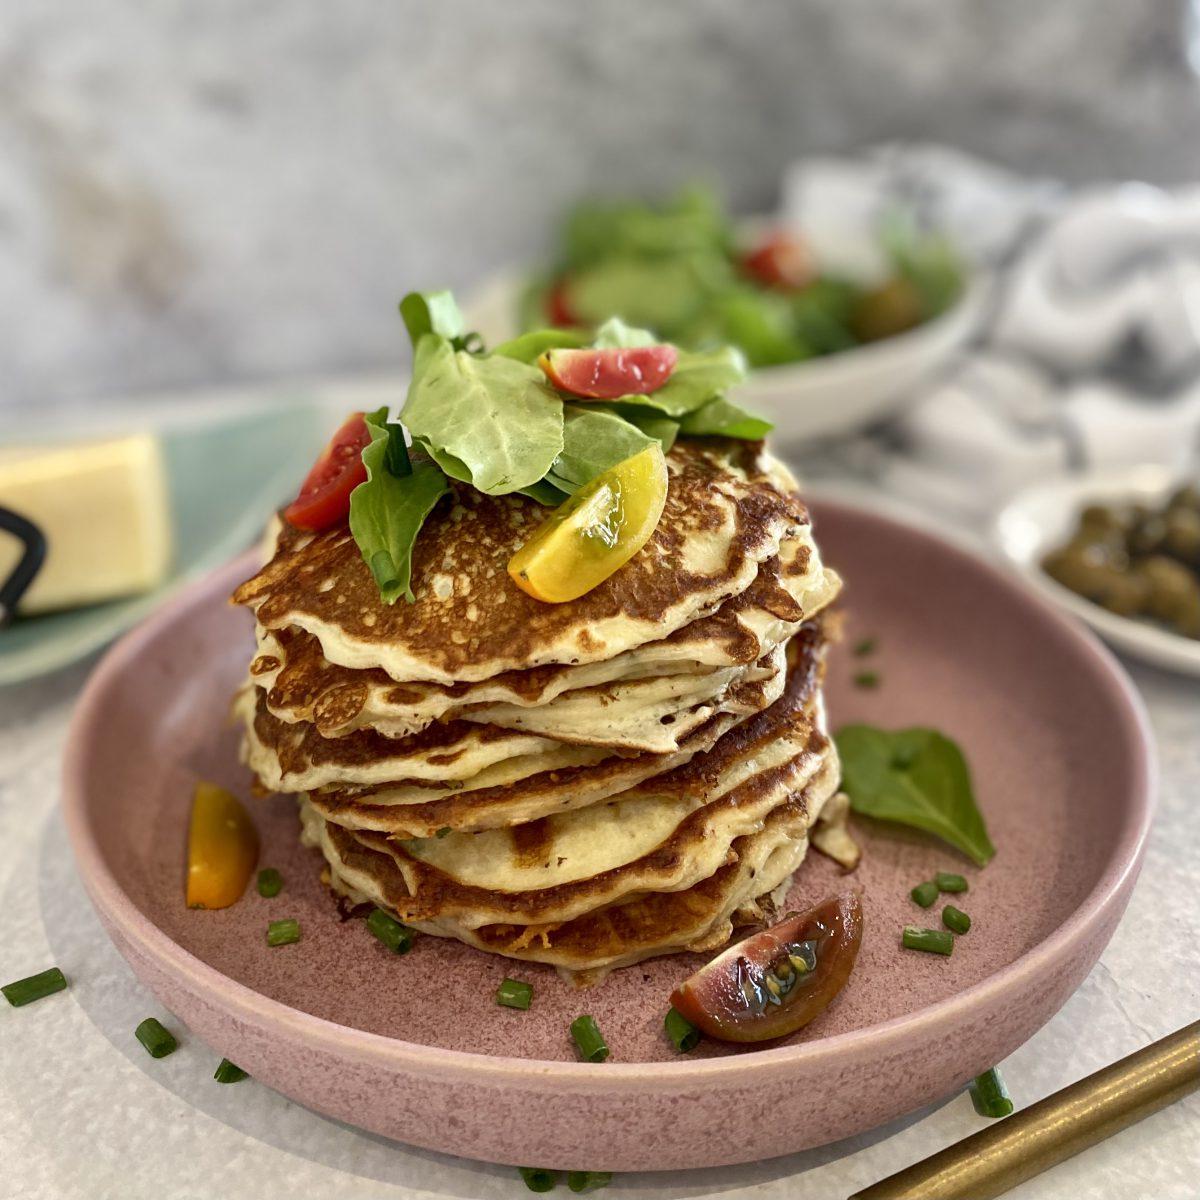 פנקייק מלוח עם גבינות ועירית